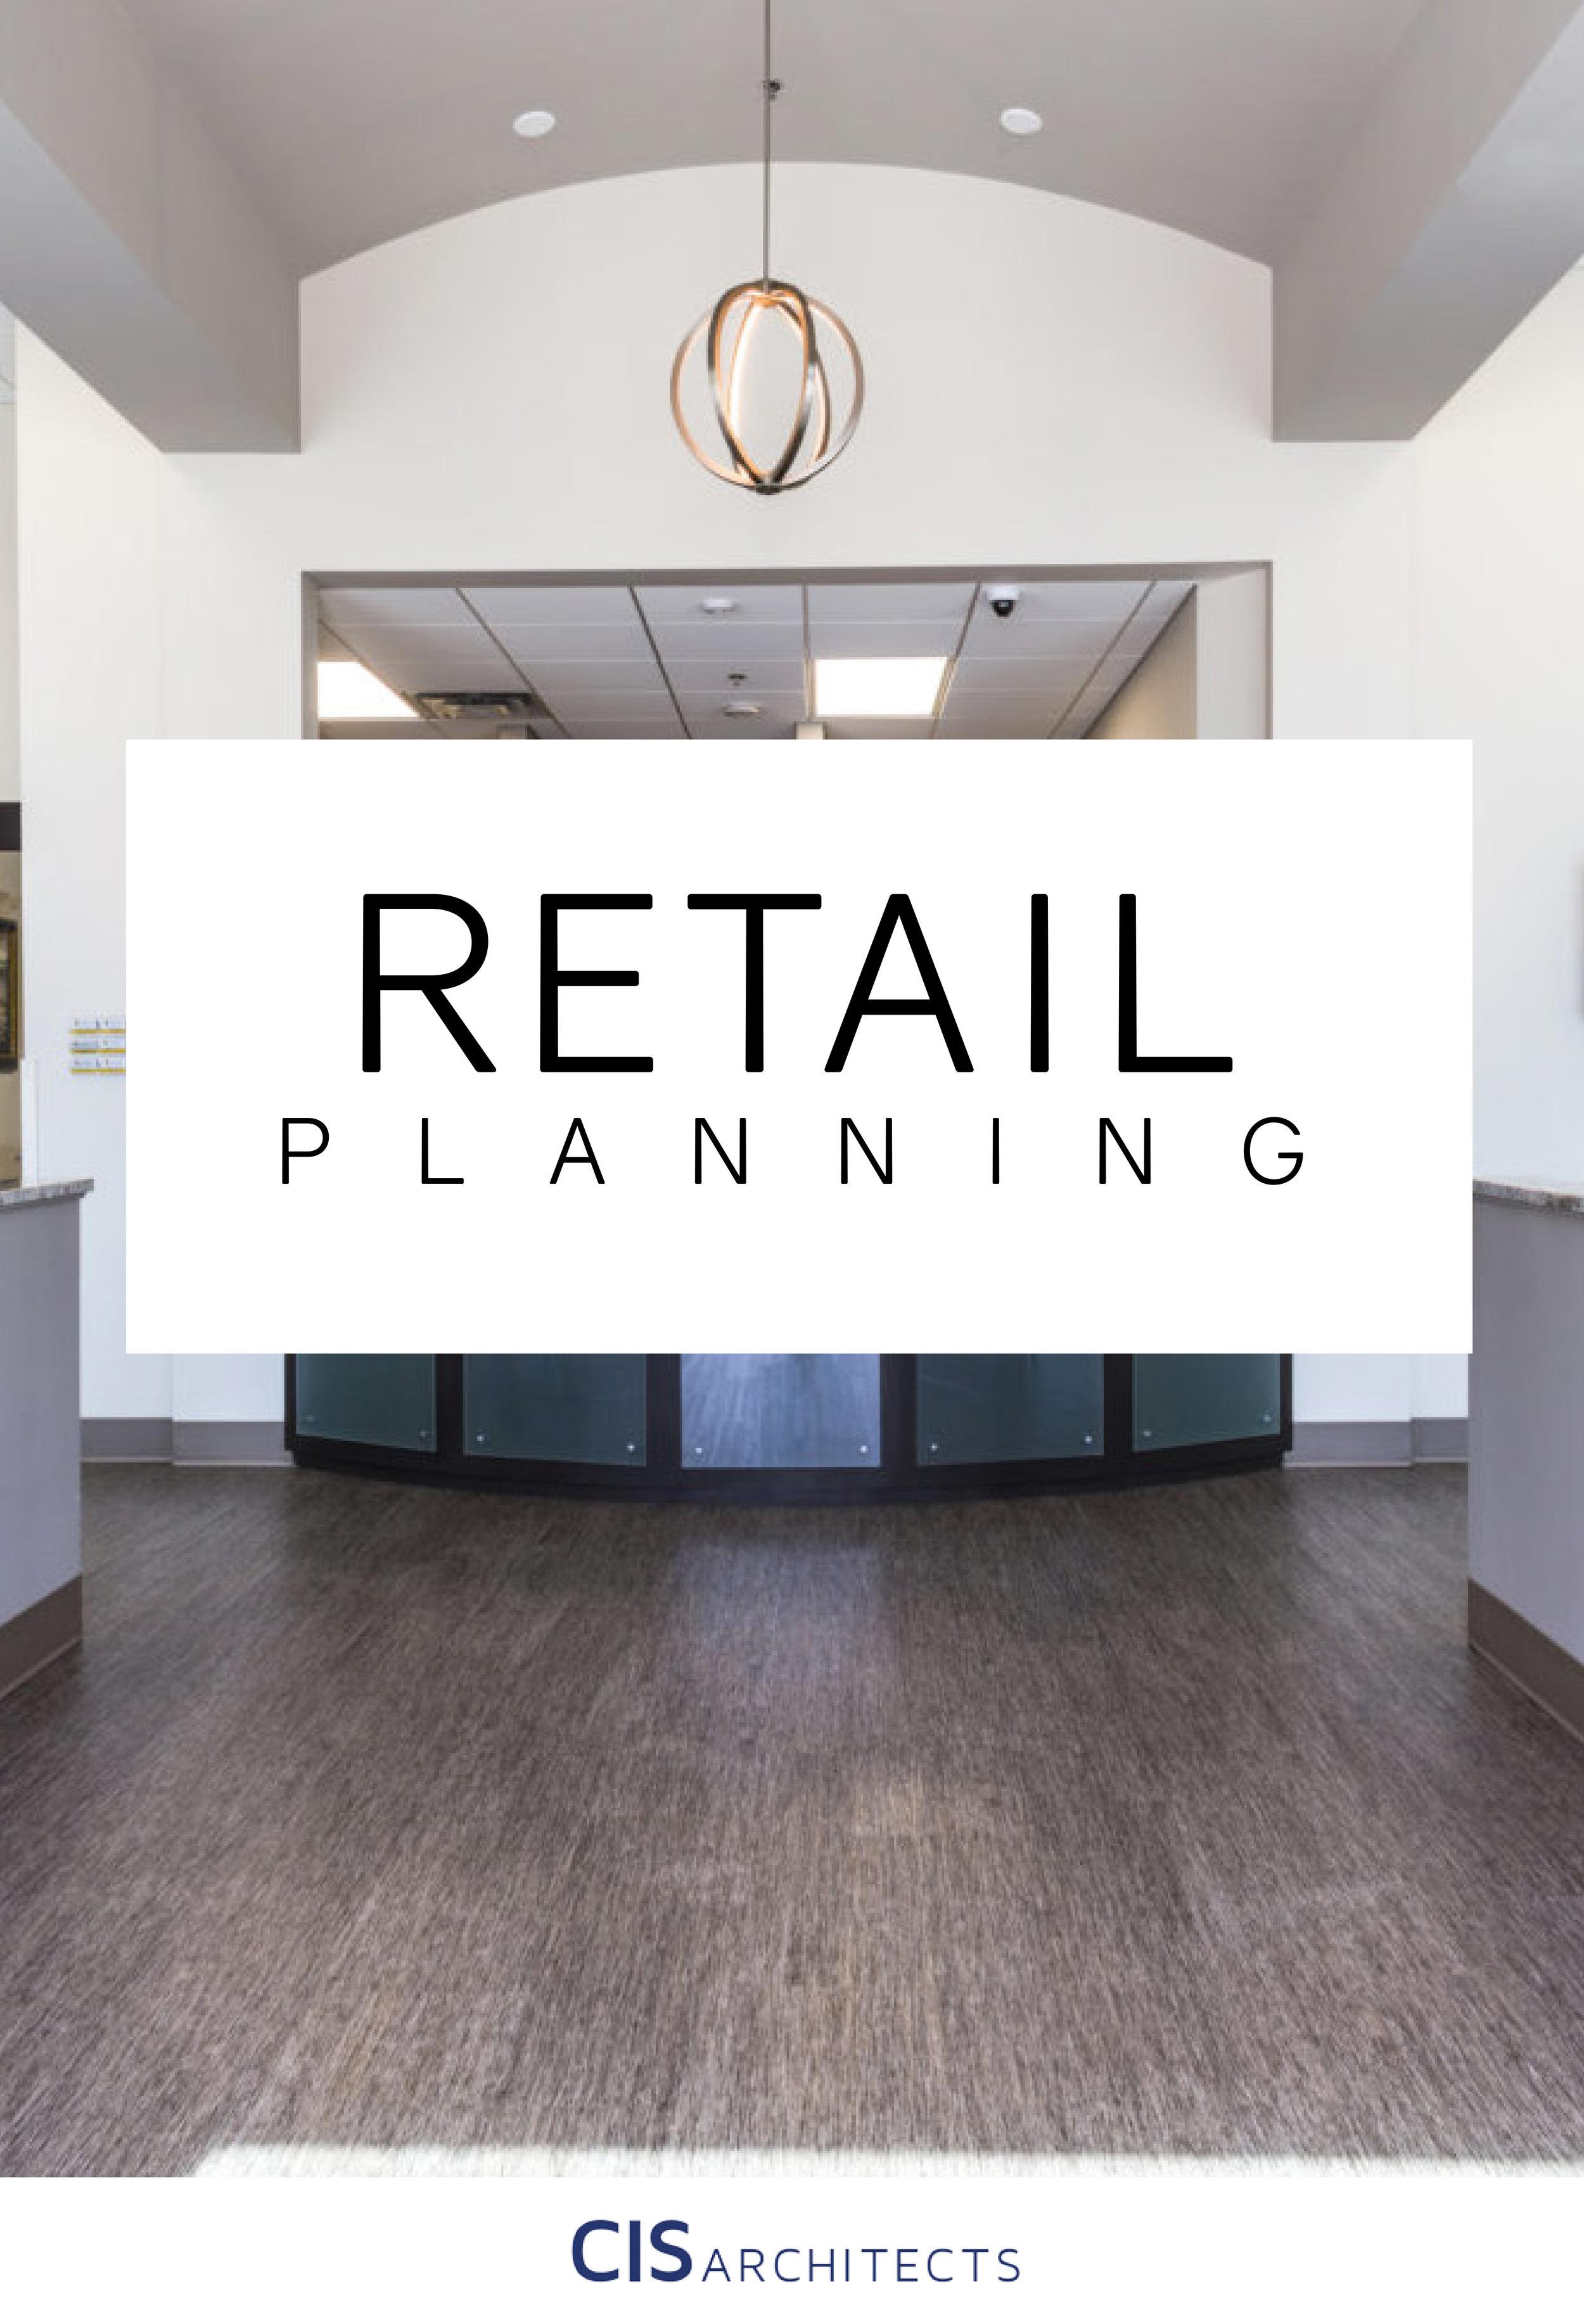 retailplanning-1.jpg